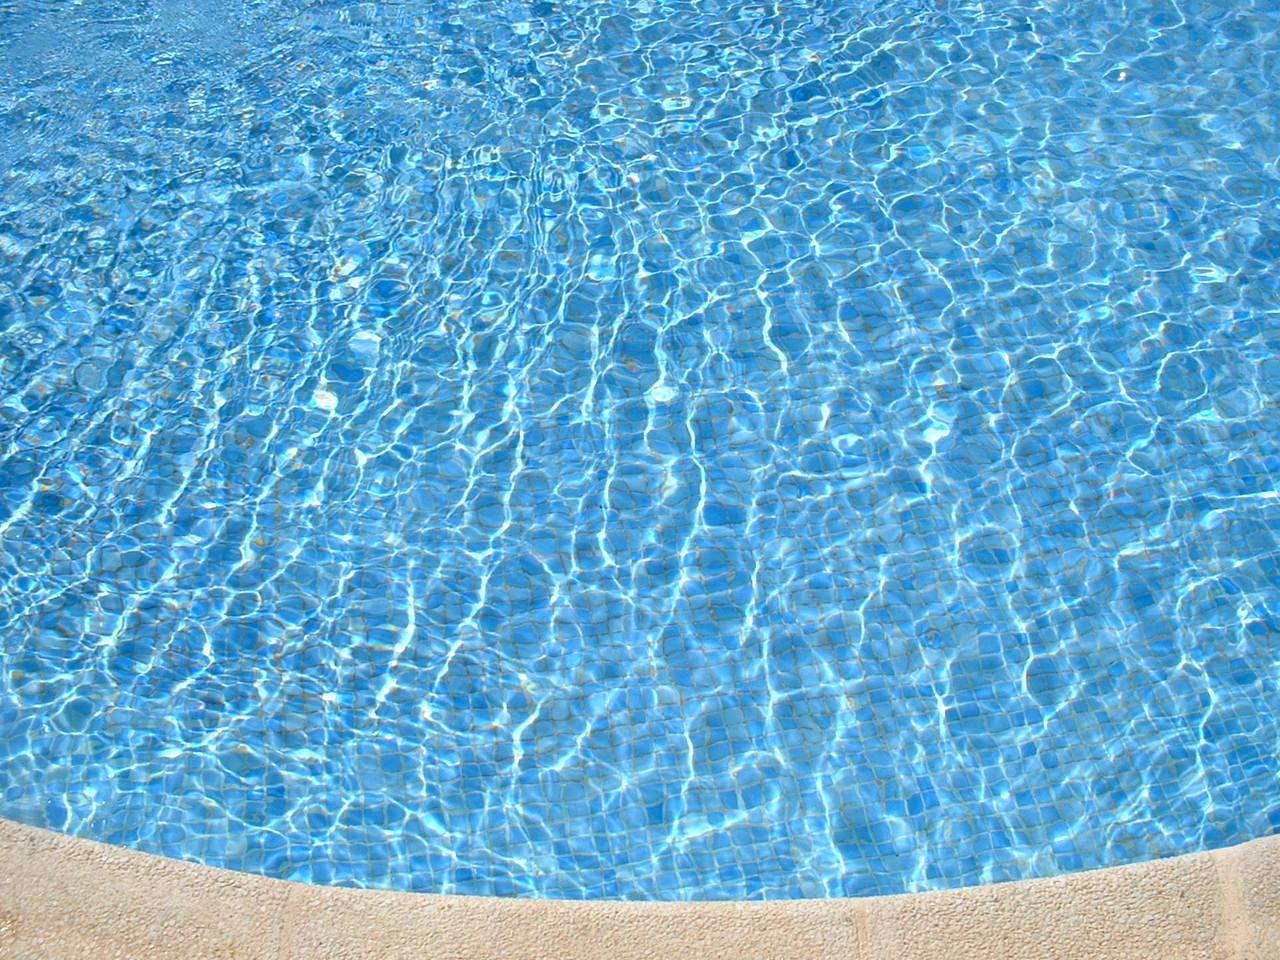 robot vortex 3 choisir la couleur de l eau de sa piscine. Black Bedroom Furniture Sets. Home Design Ideas